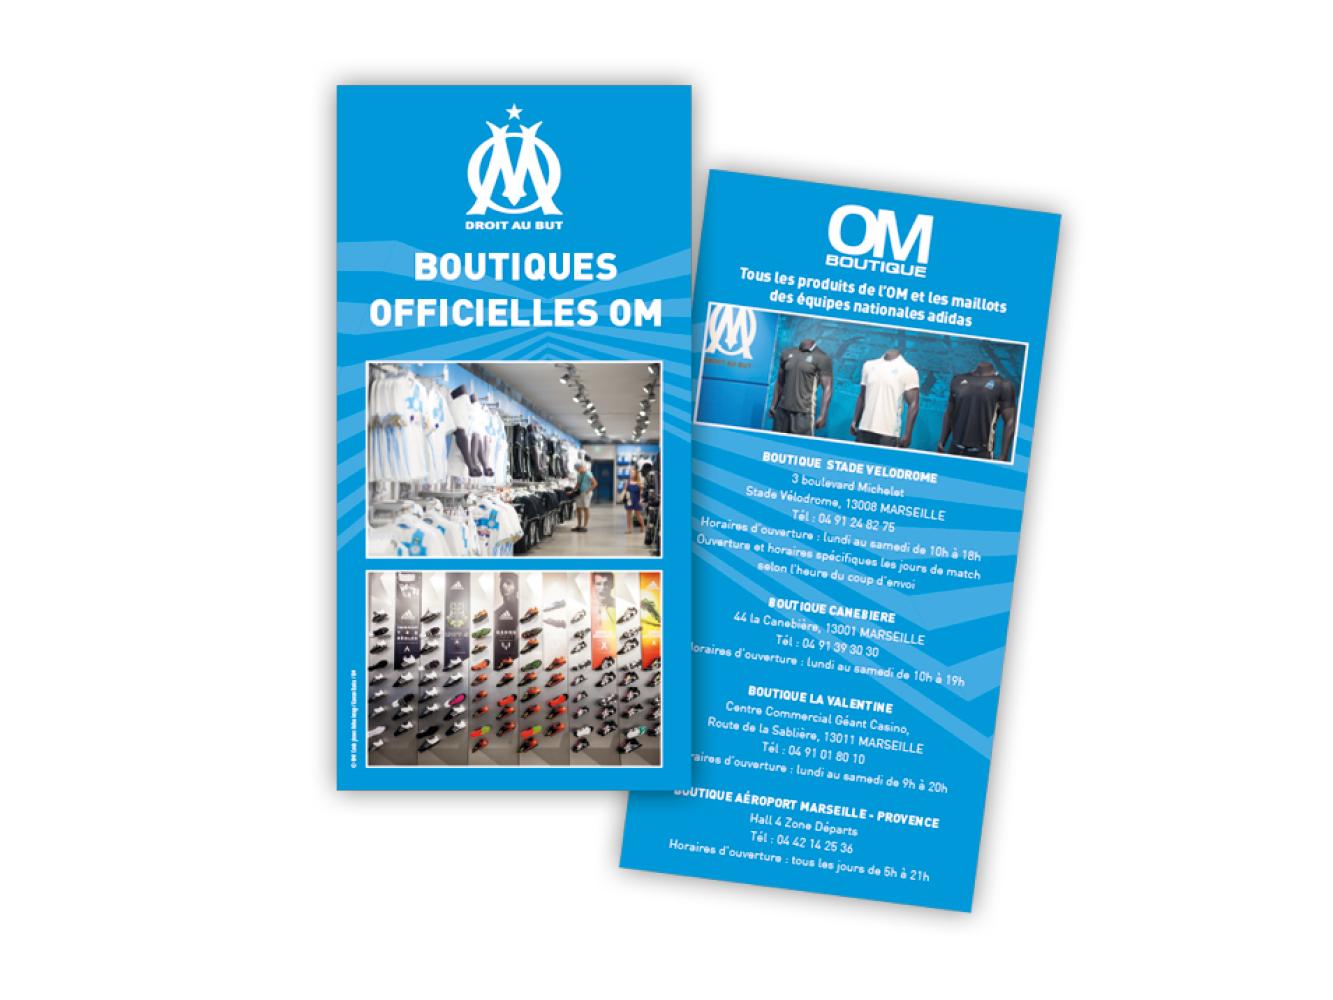 flyer boutiques Olympique de Marseille